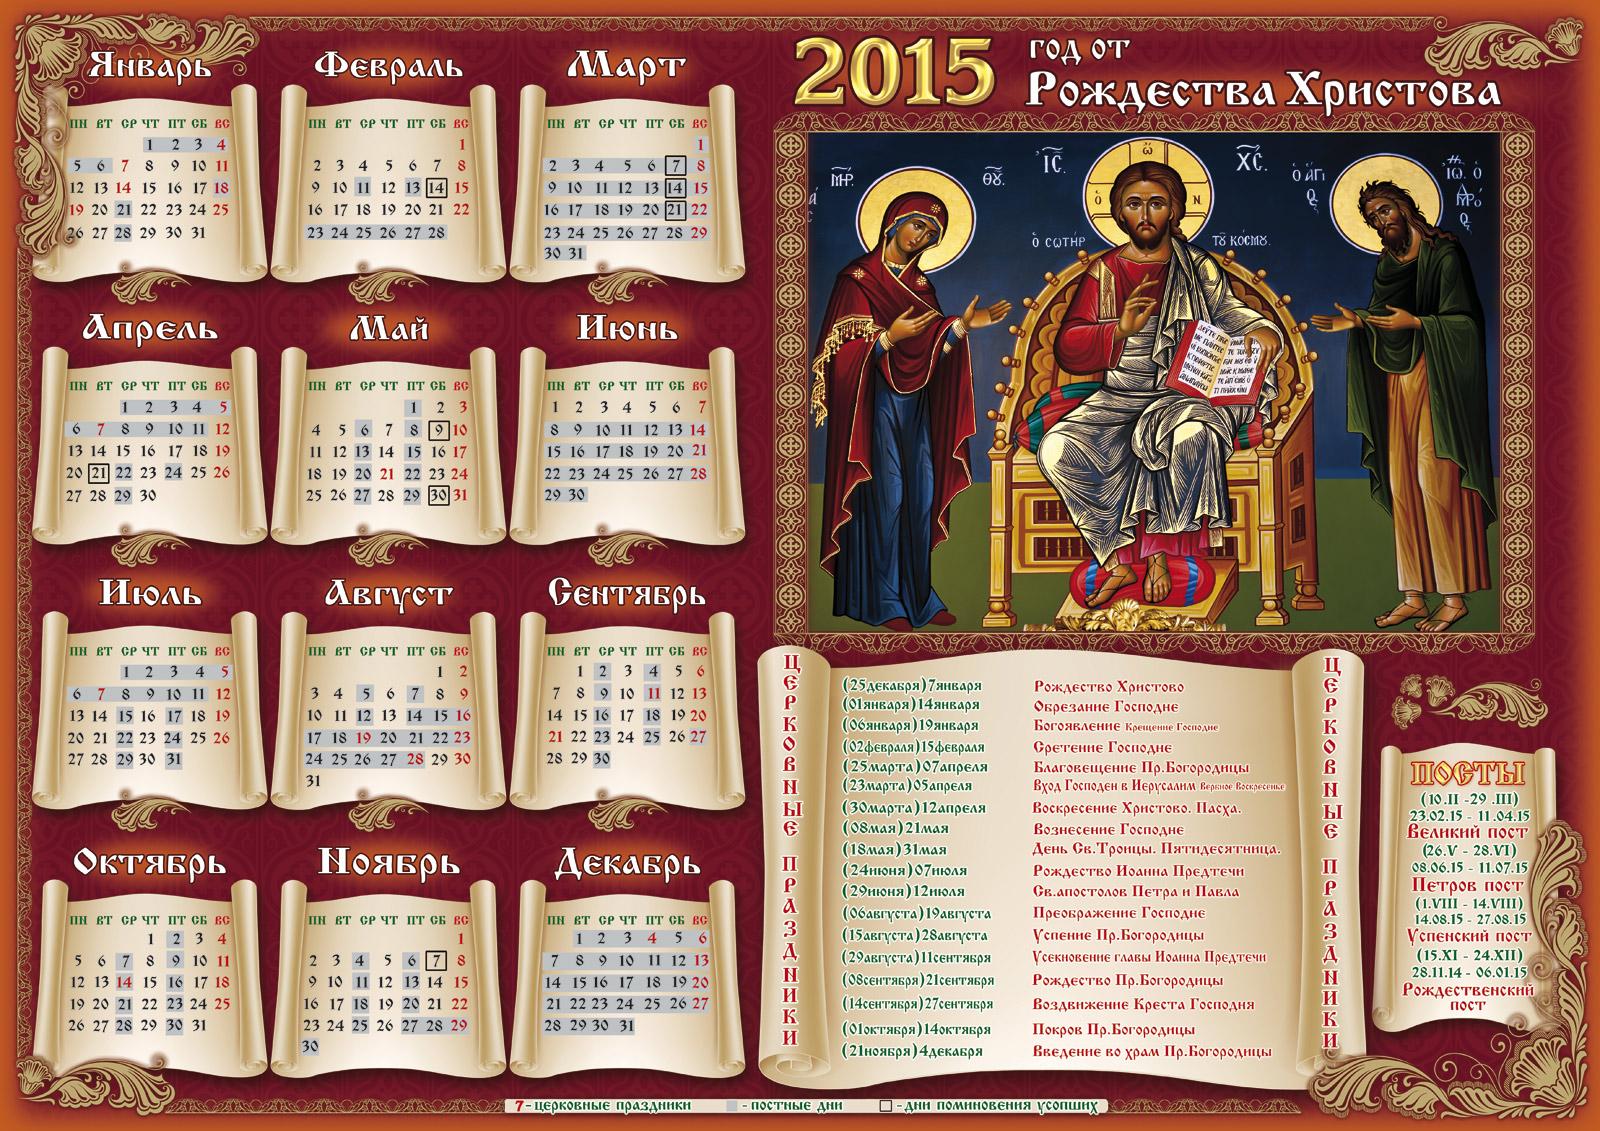 для календарь православных праздников 2016 украина количества